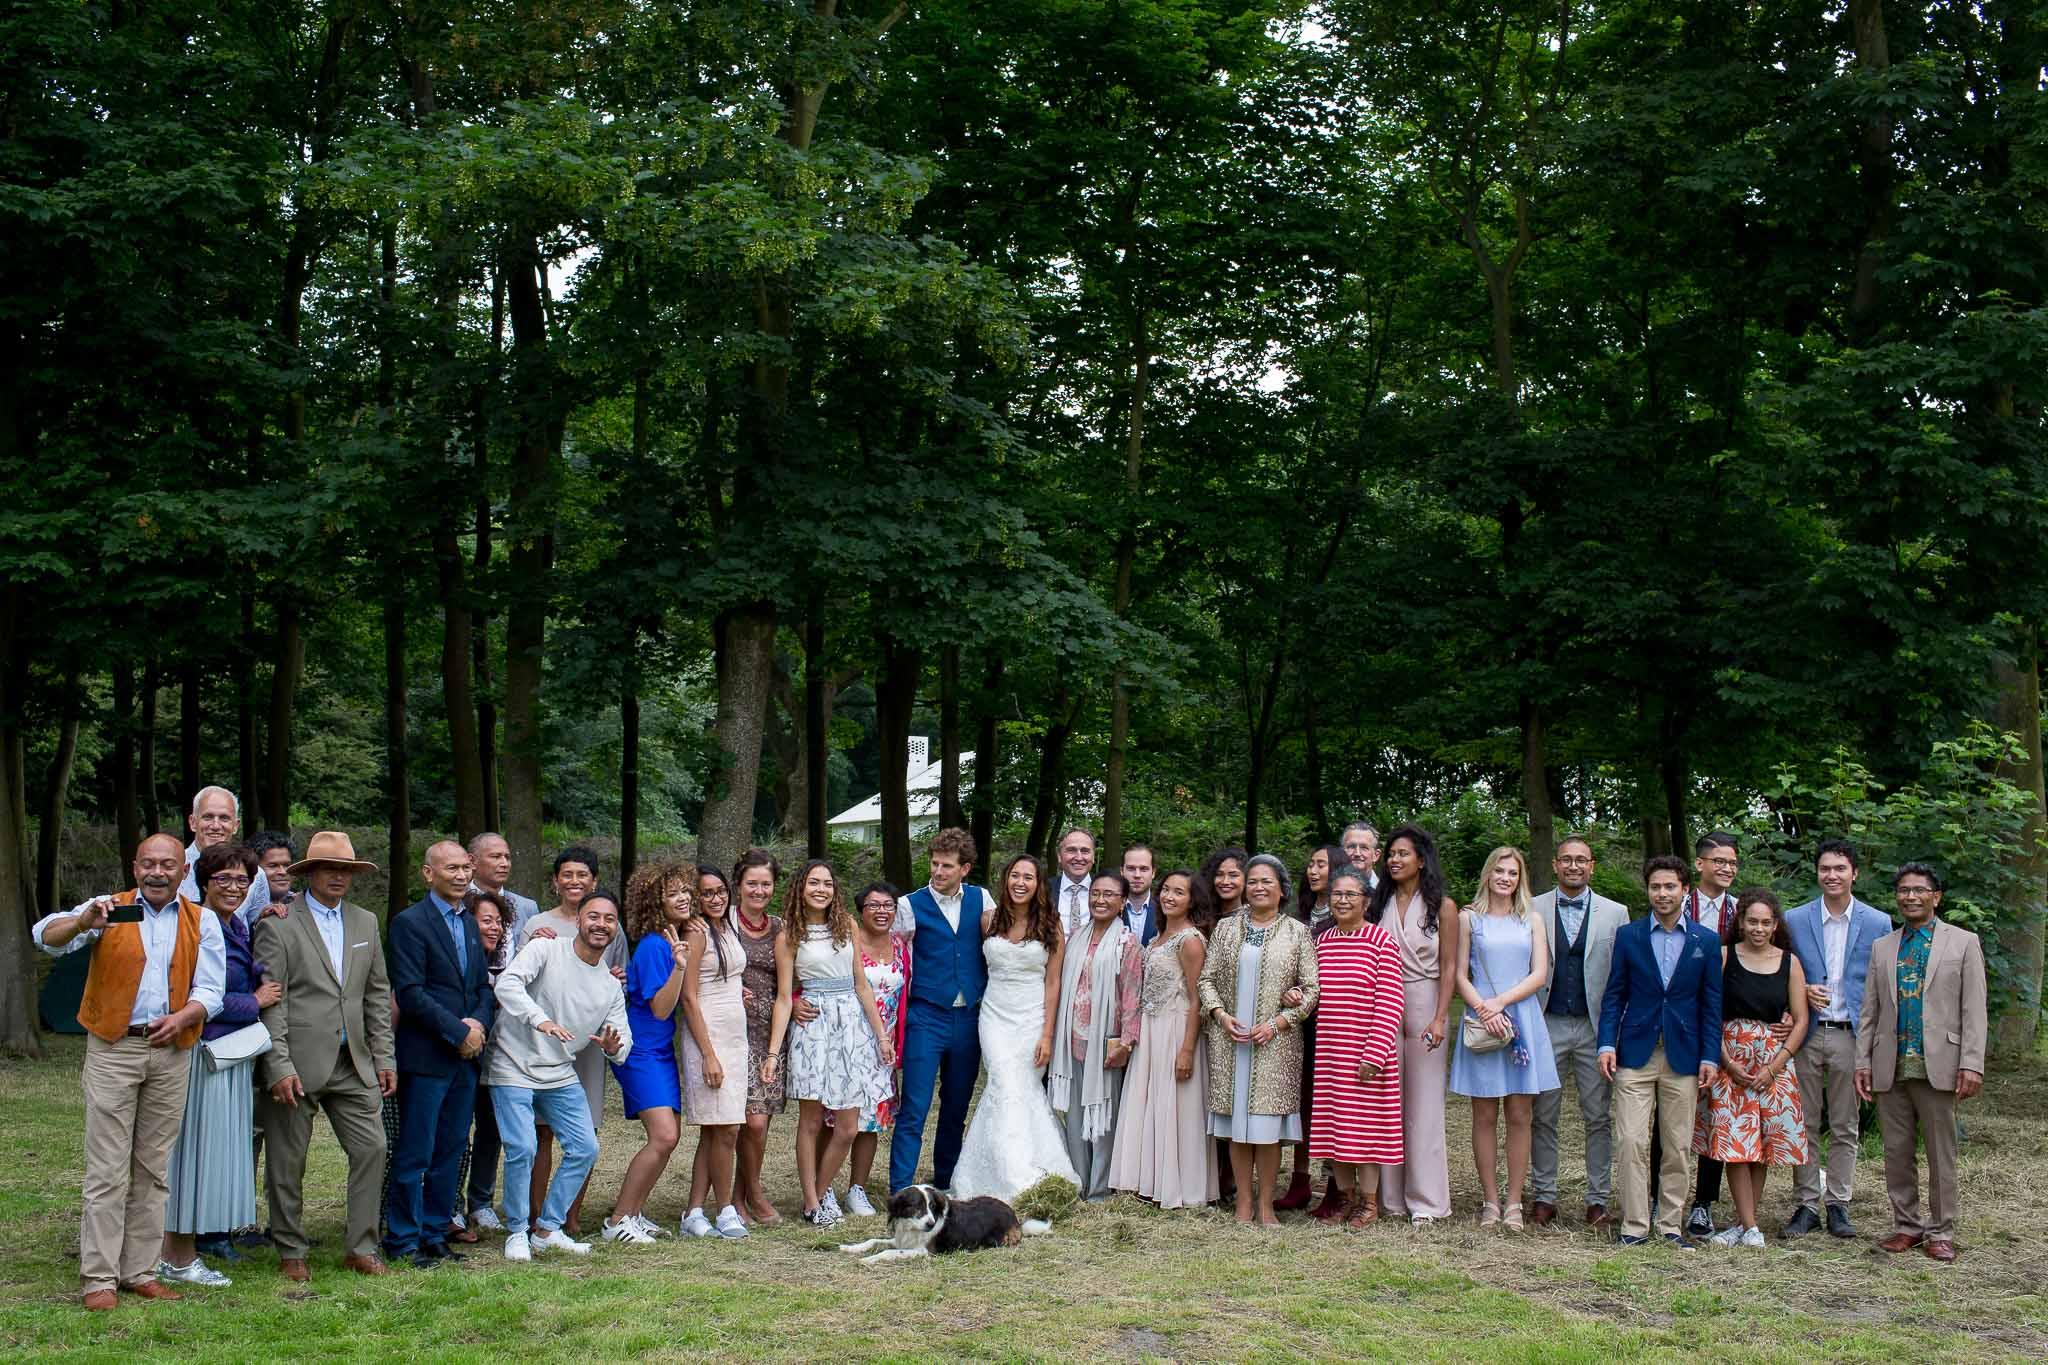 freebirdstories-com_wedding_christiaannina_lowres_693